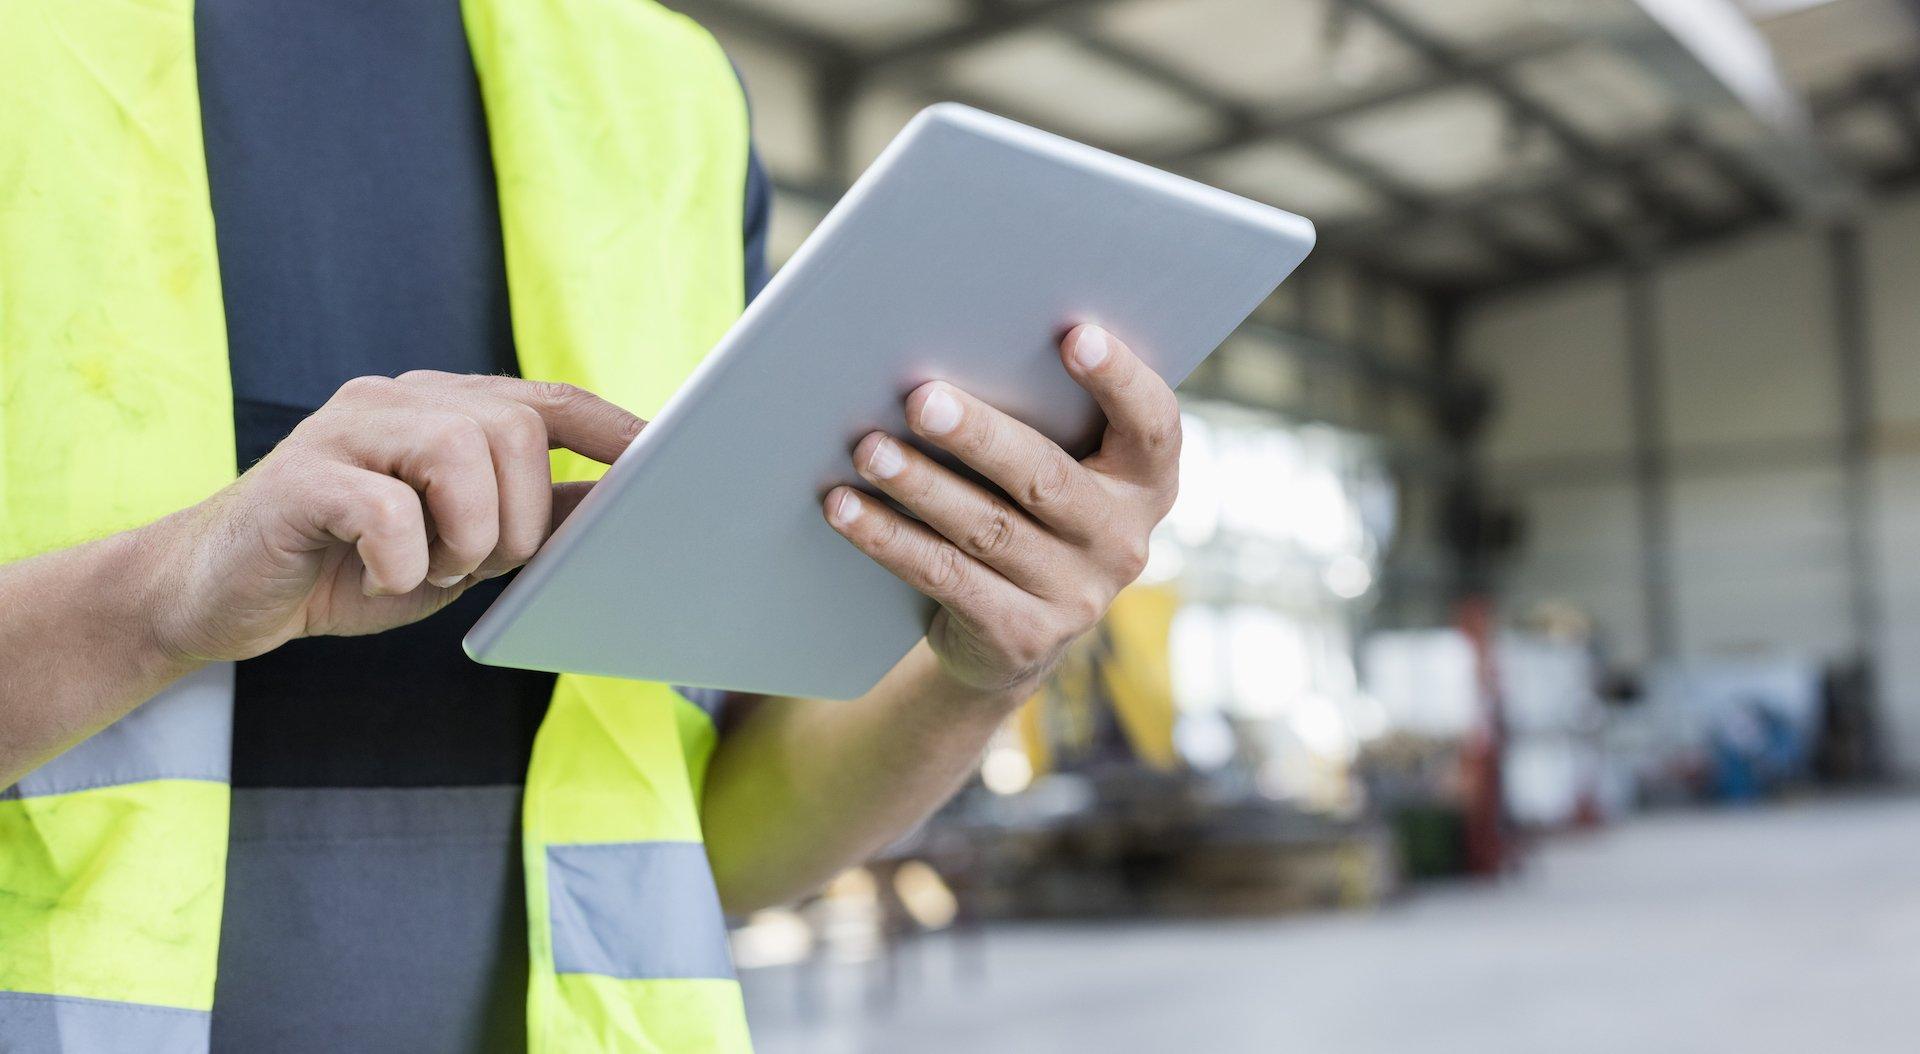 digital work checklists